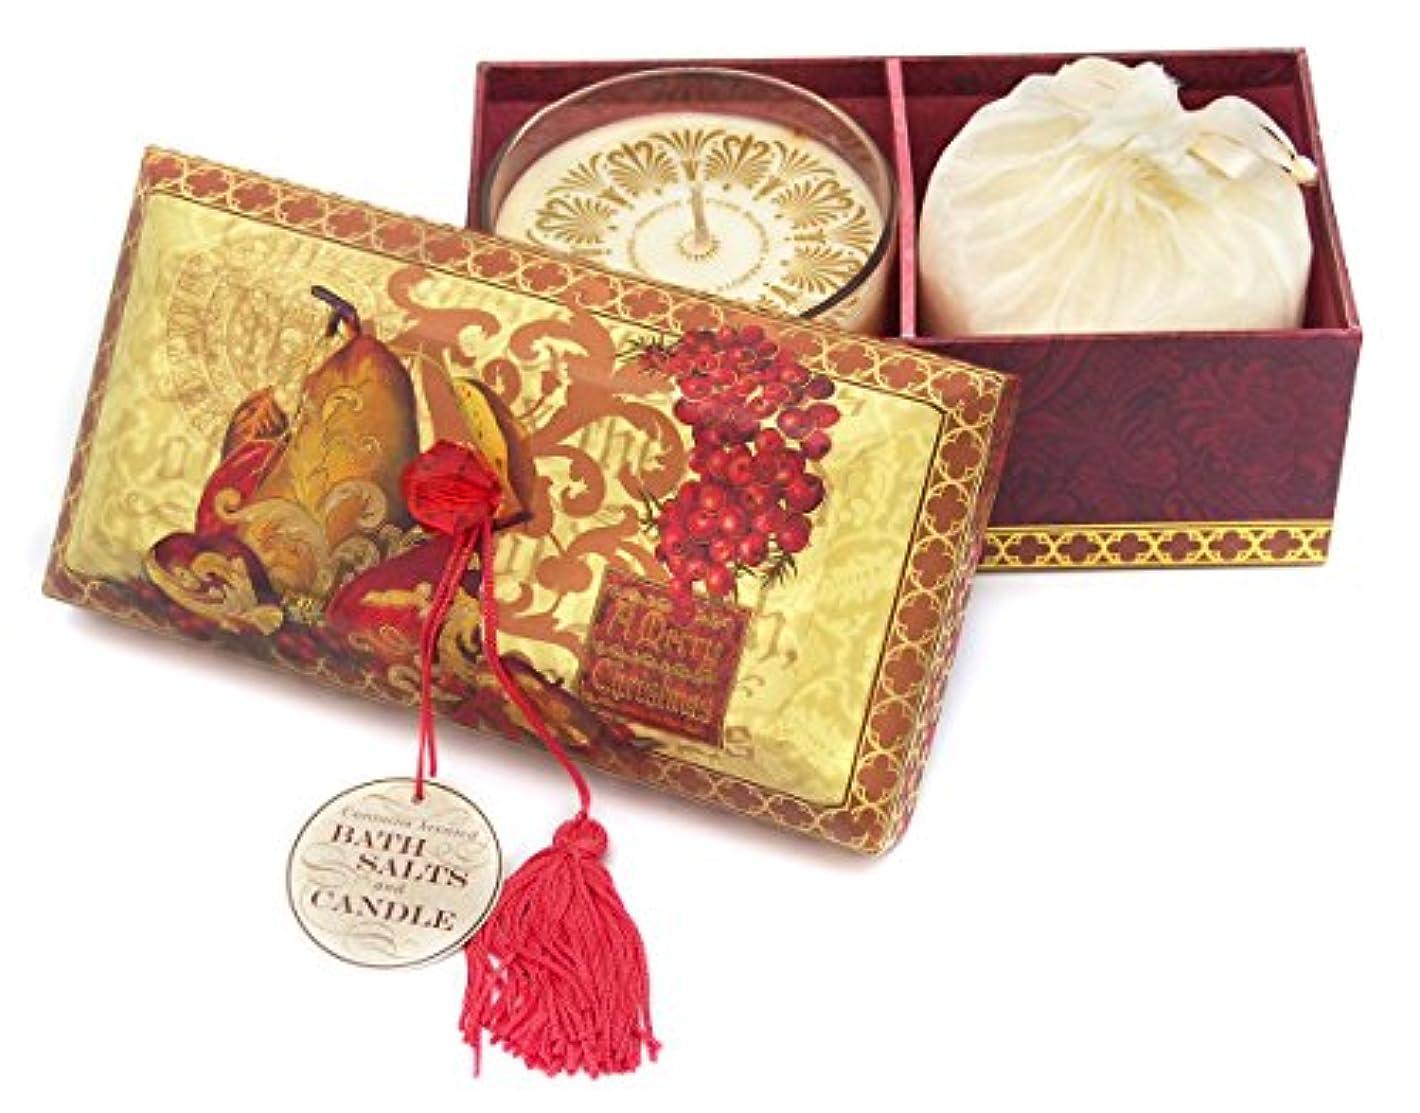 抹消道を作るマチュピチュパンチスタジオ バスソルト&キャンドル A Merry Christmas 55003